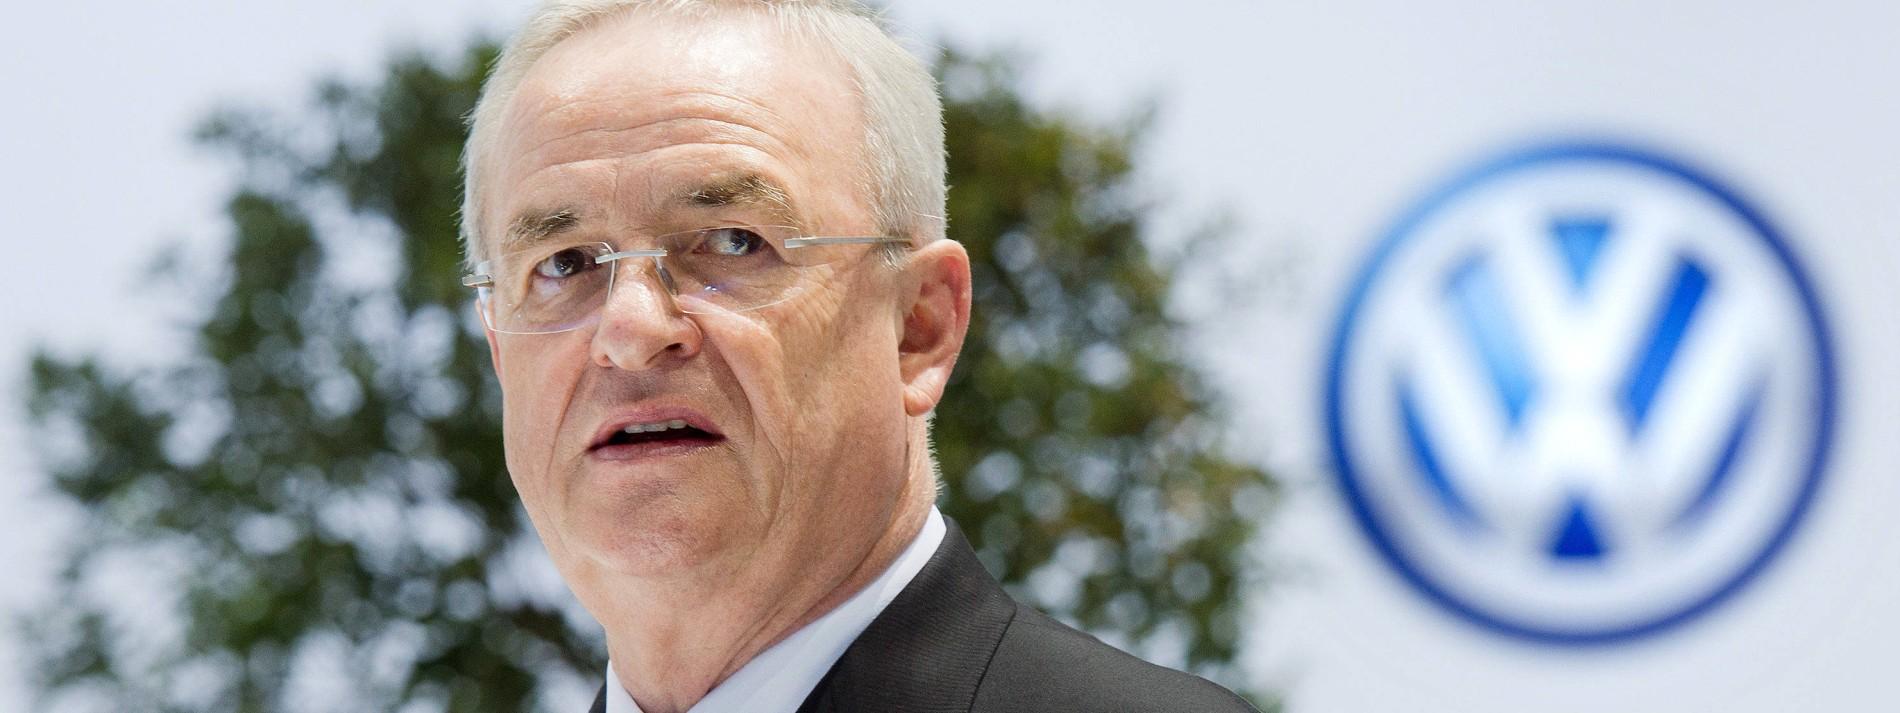 Ankläger stellen Verfahren gegen Martin Winterkorn vorerst ein